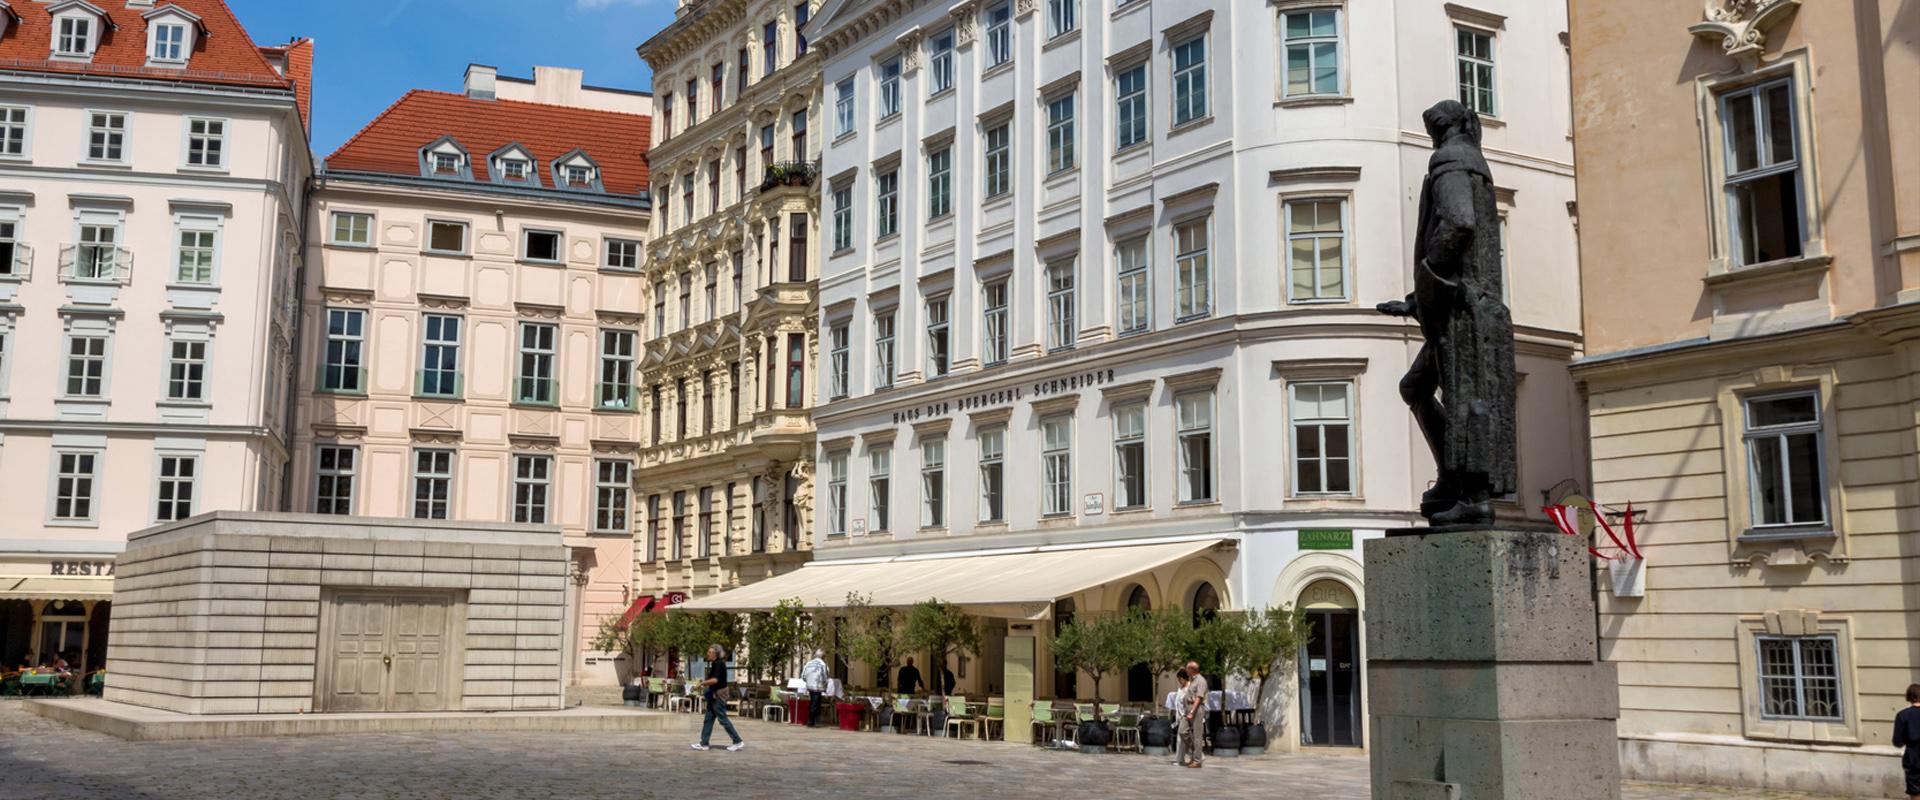 Vasektomie Zentrum Wien